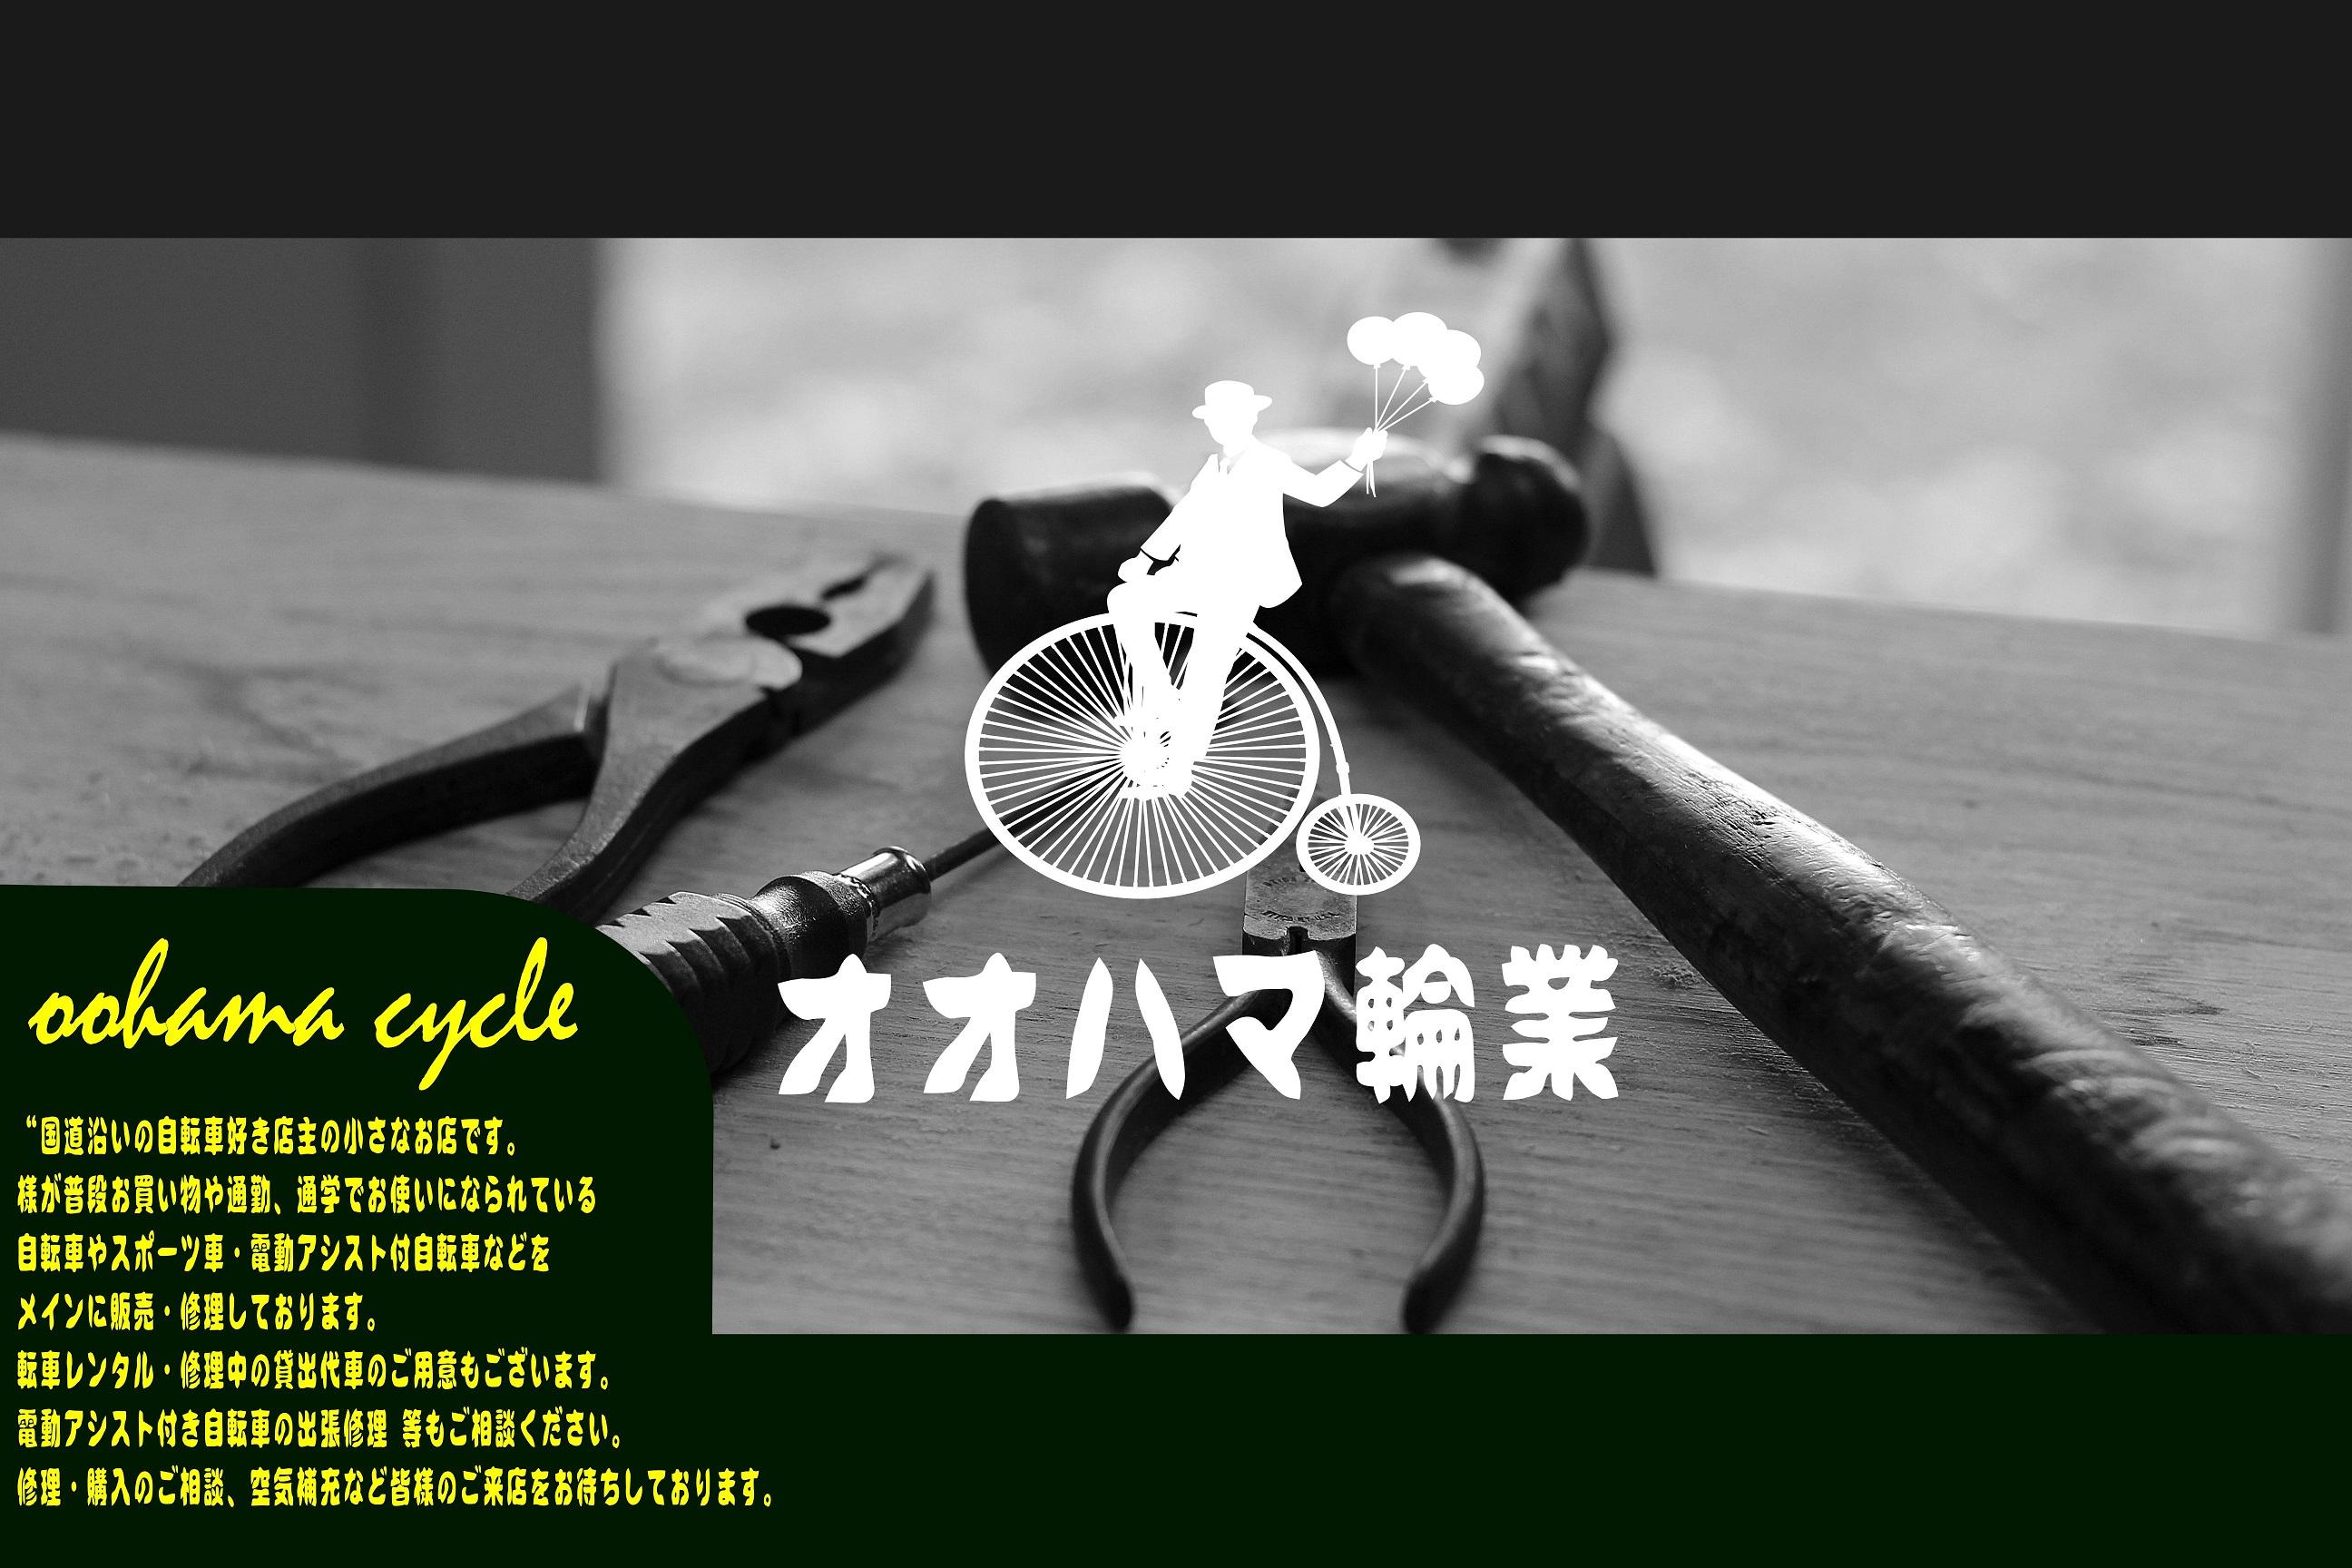 自転車出張・修理・販売・配達 オオハマ輪業